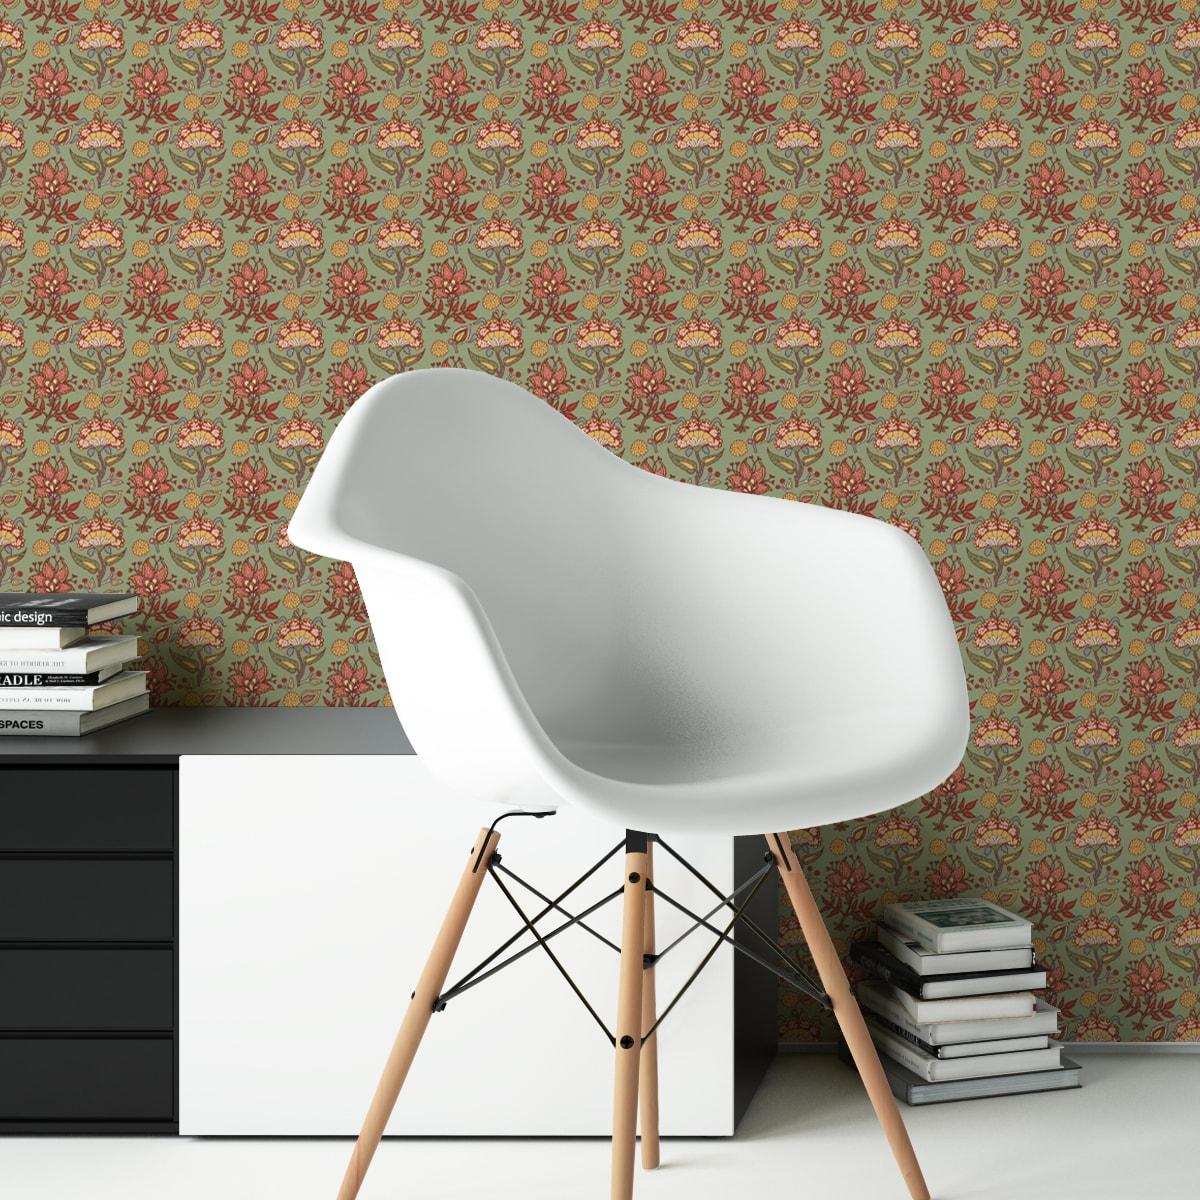 """Tapete Wohnzimmer orange: Grüne Blumen Tapete """"Little India"""" mit folklore Muster für Wohnzimmer"""